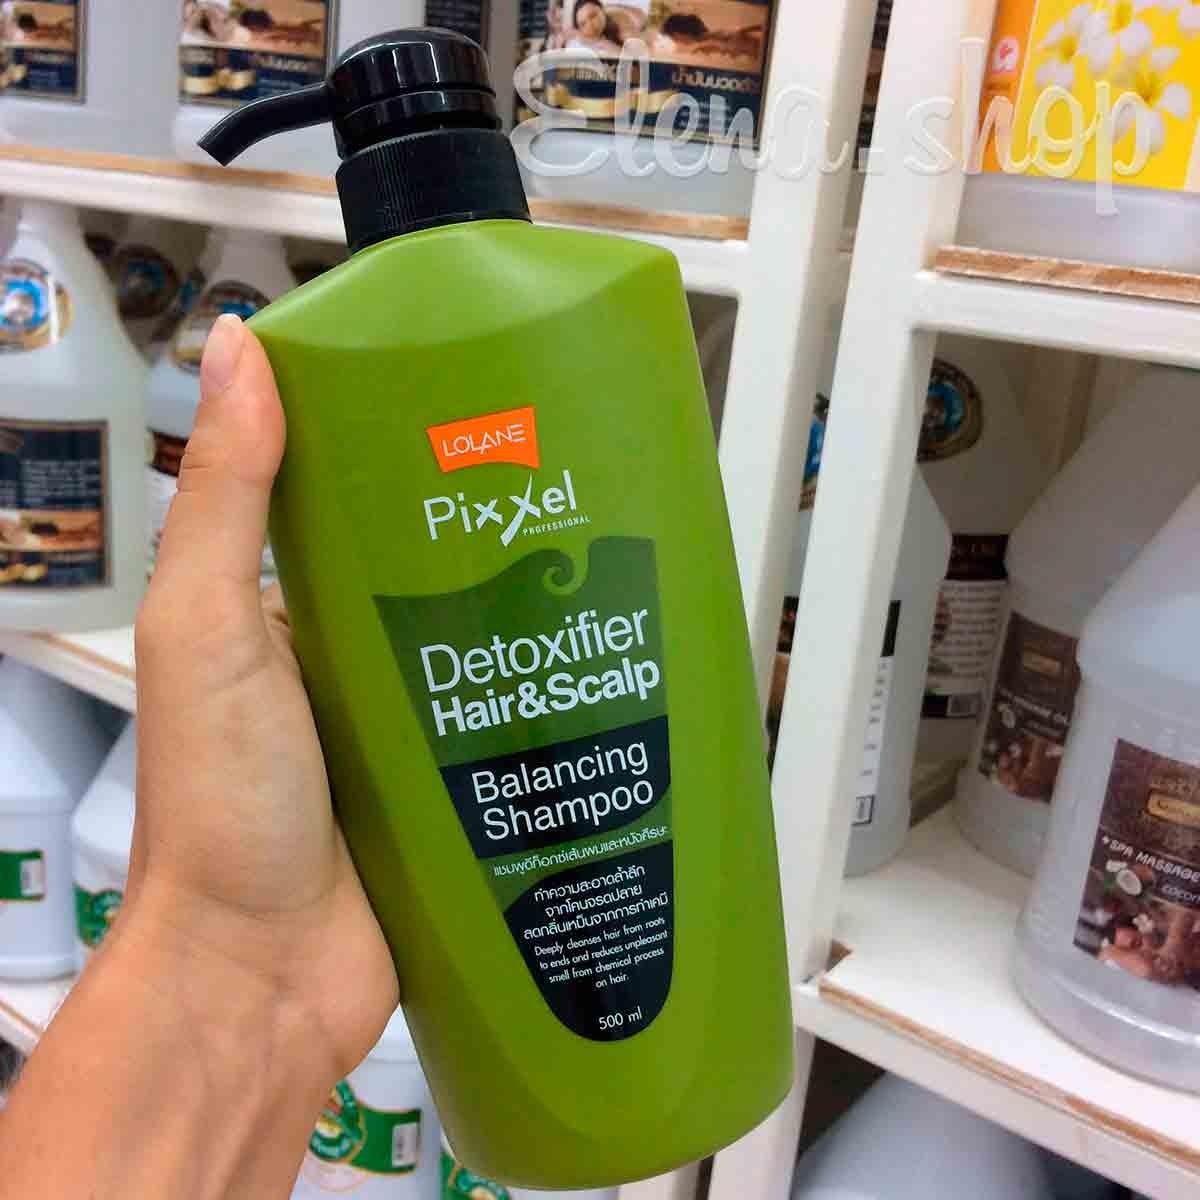 Питательный шампунь для блеска и свежести волос от Lolane Pixxel